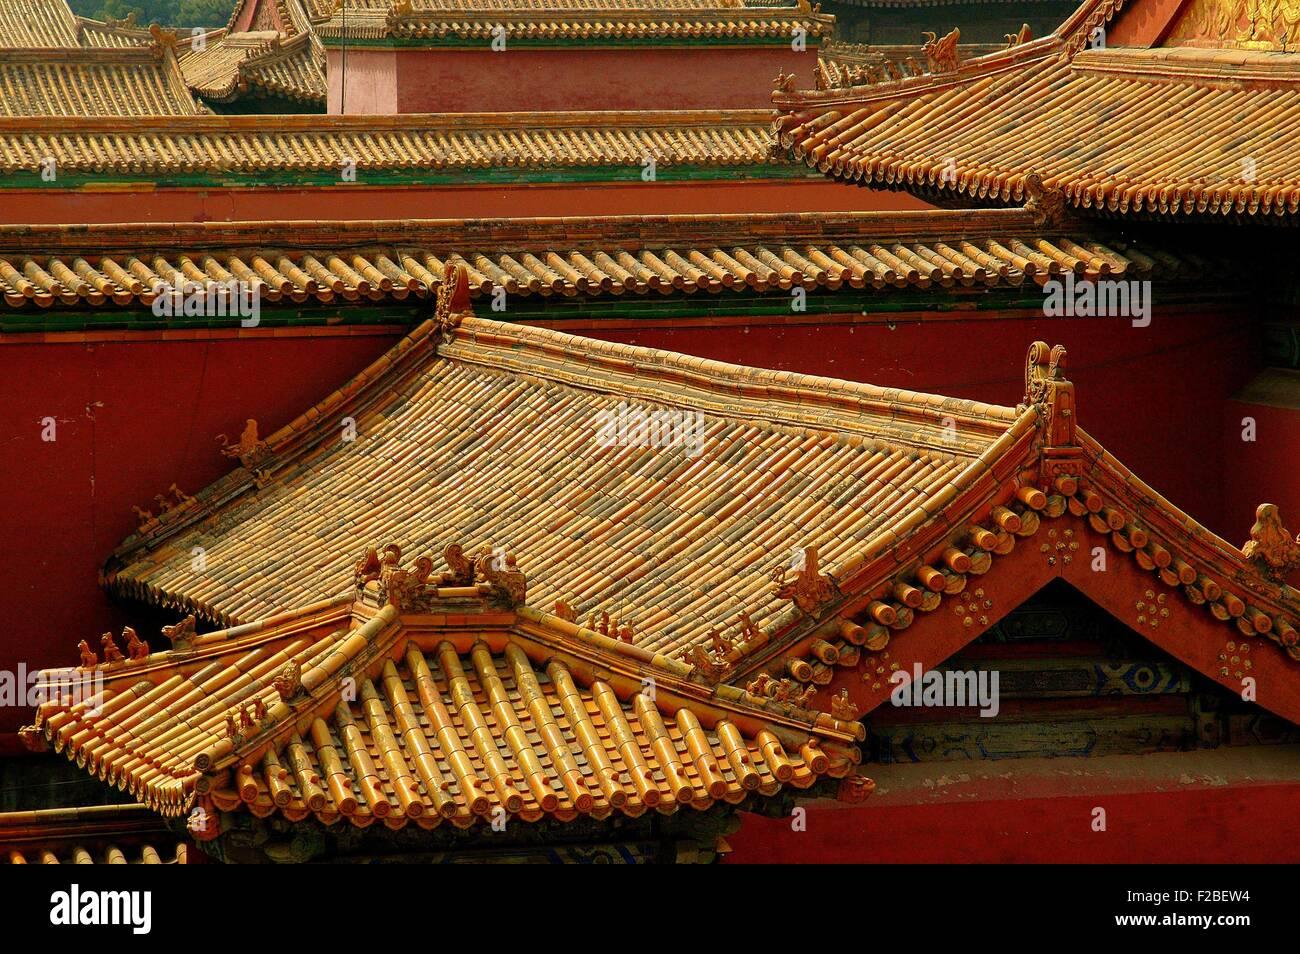 Pechino cina: arancio piastrella ceramica tetti con scolpito